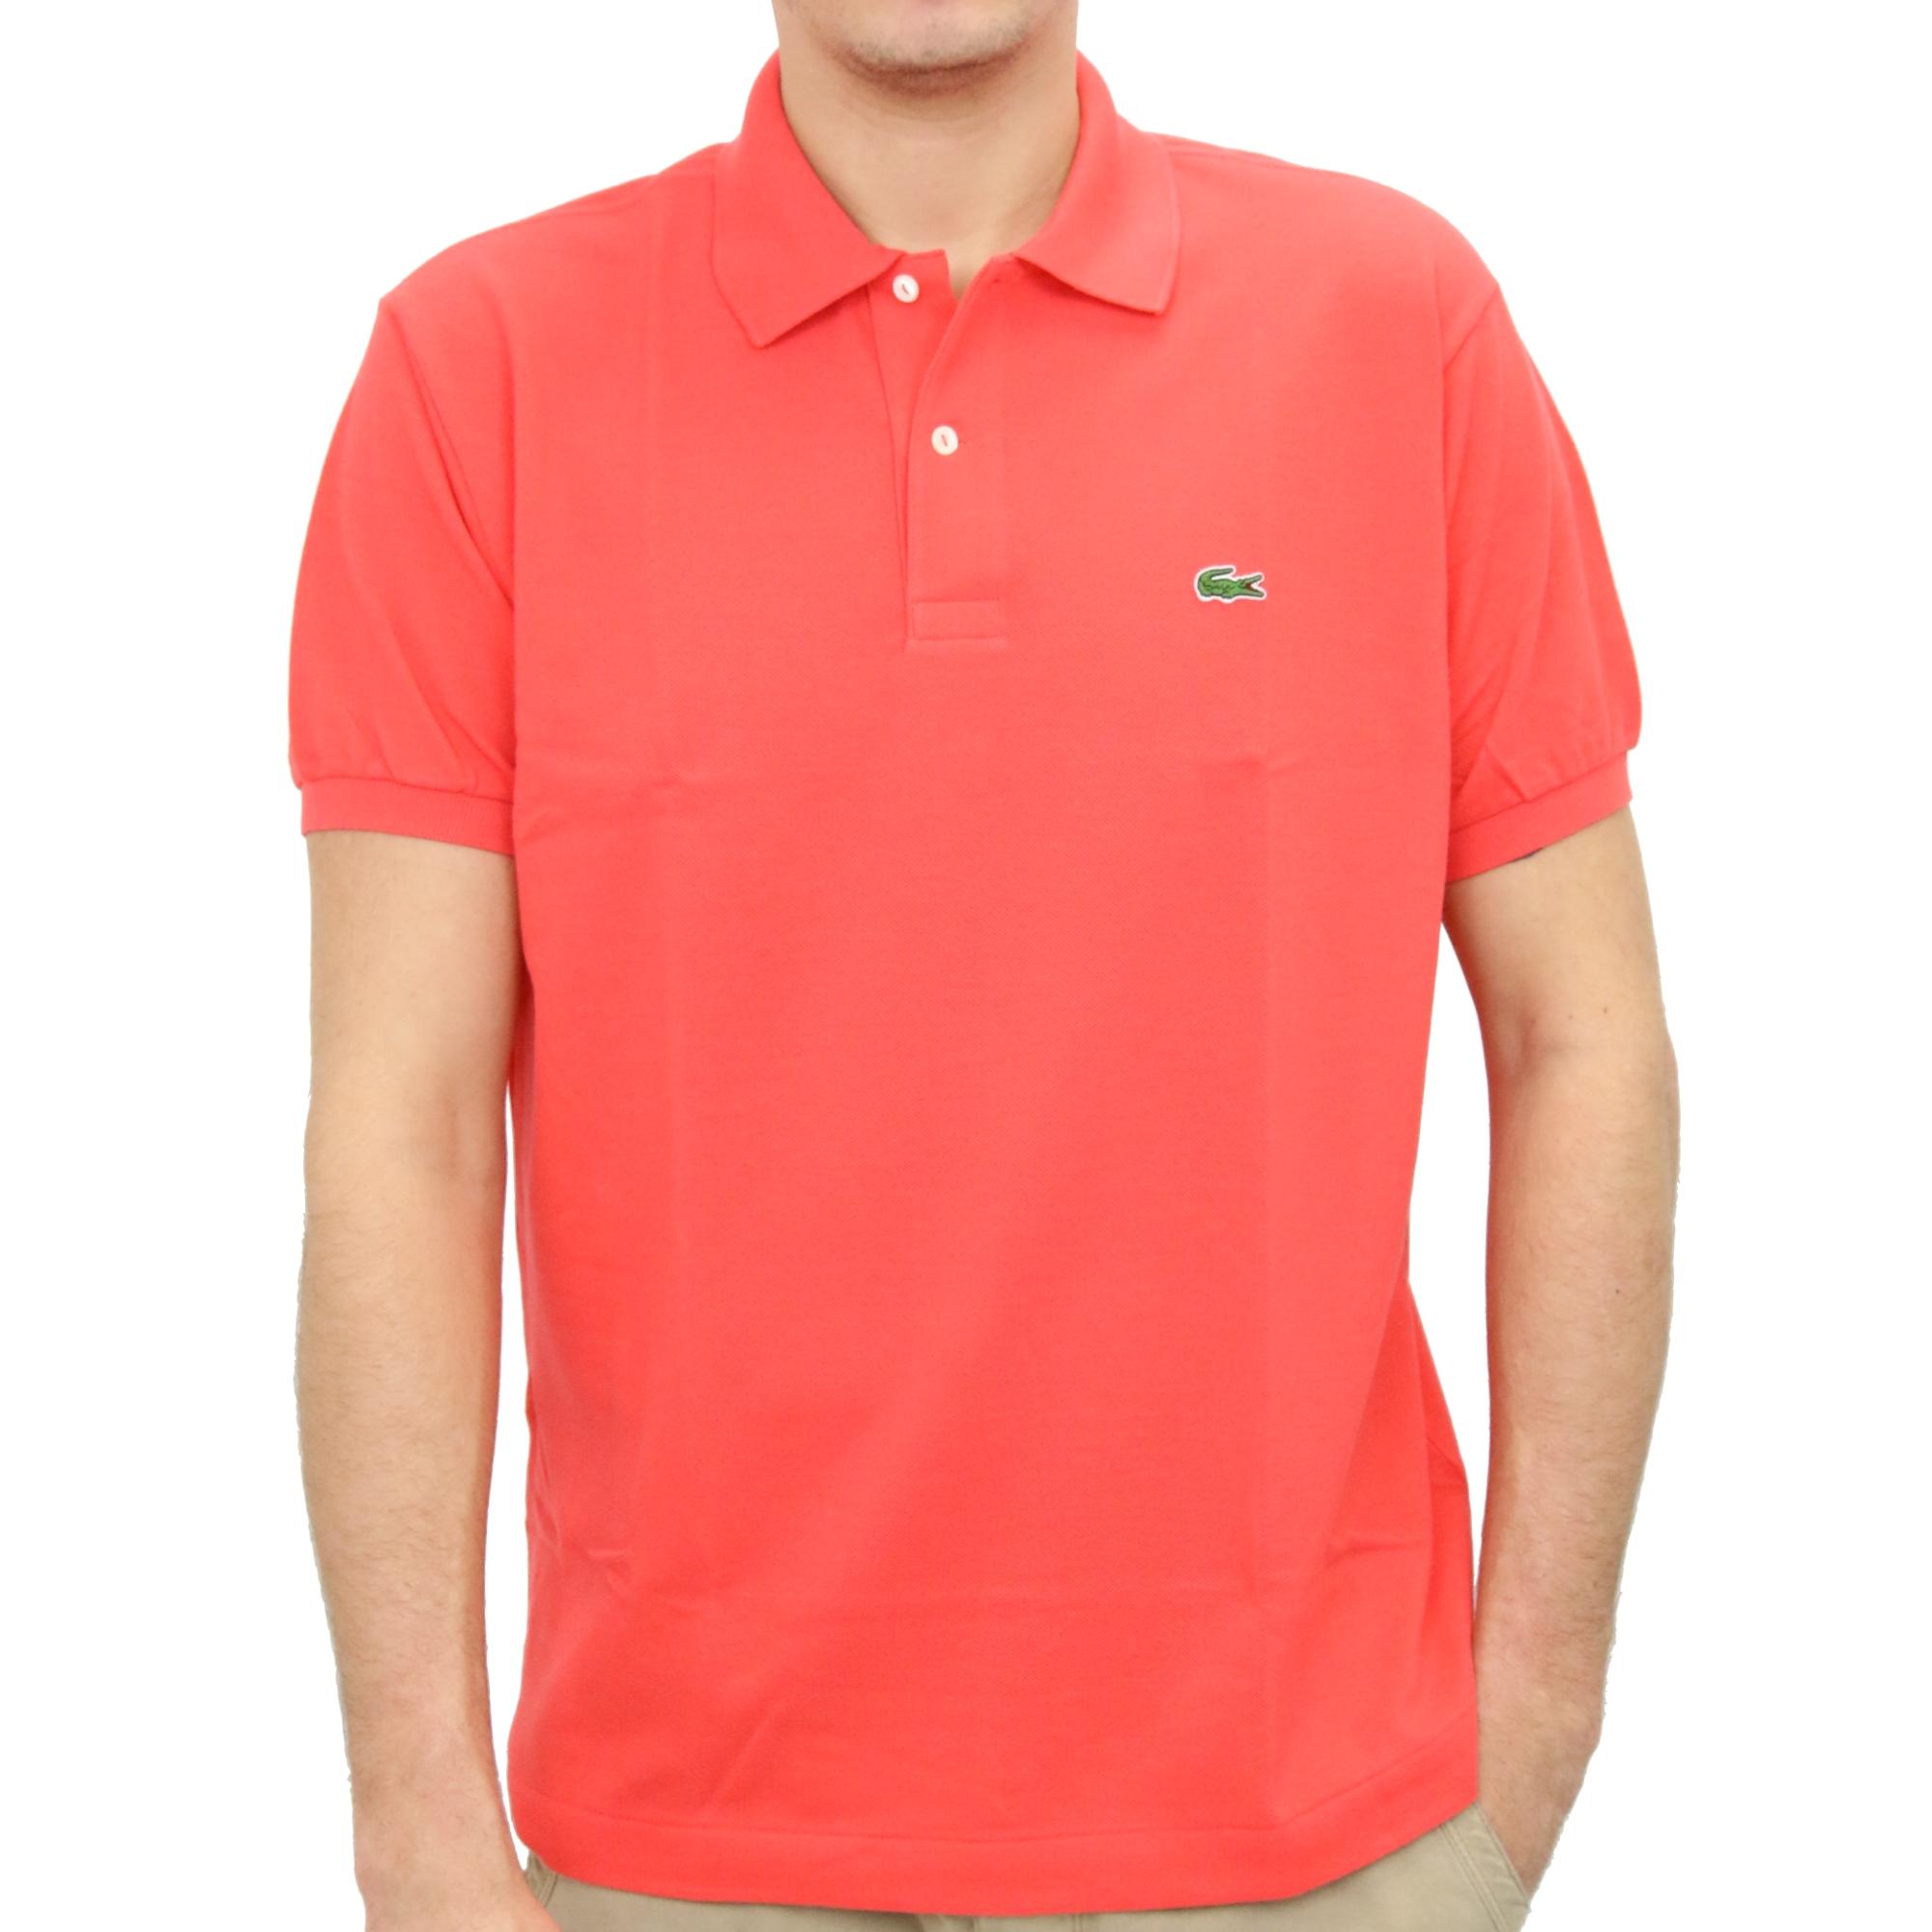 Lacoste original polo shirt polohemd diverse for Colori polo lacoste